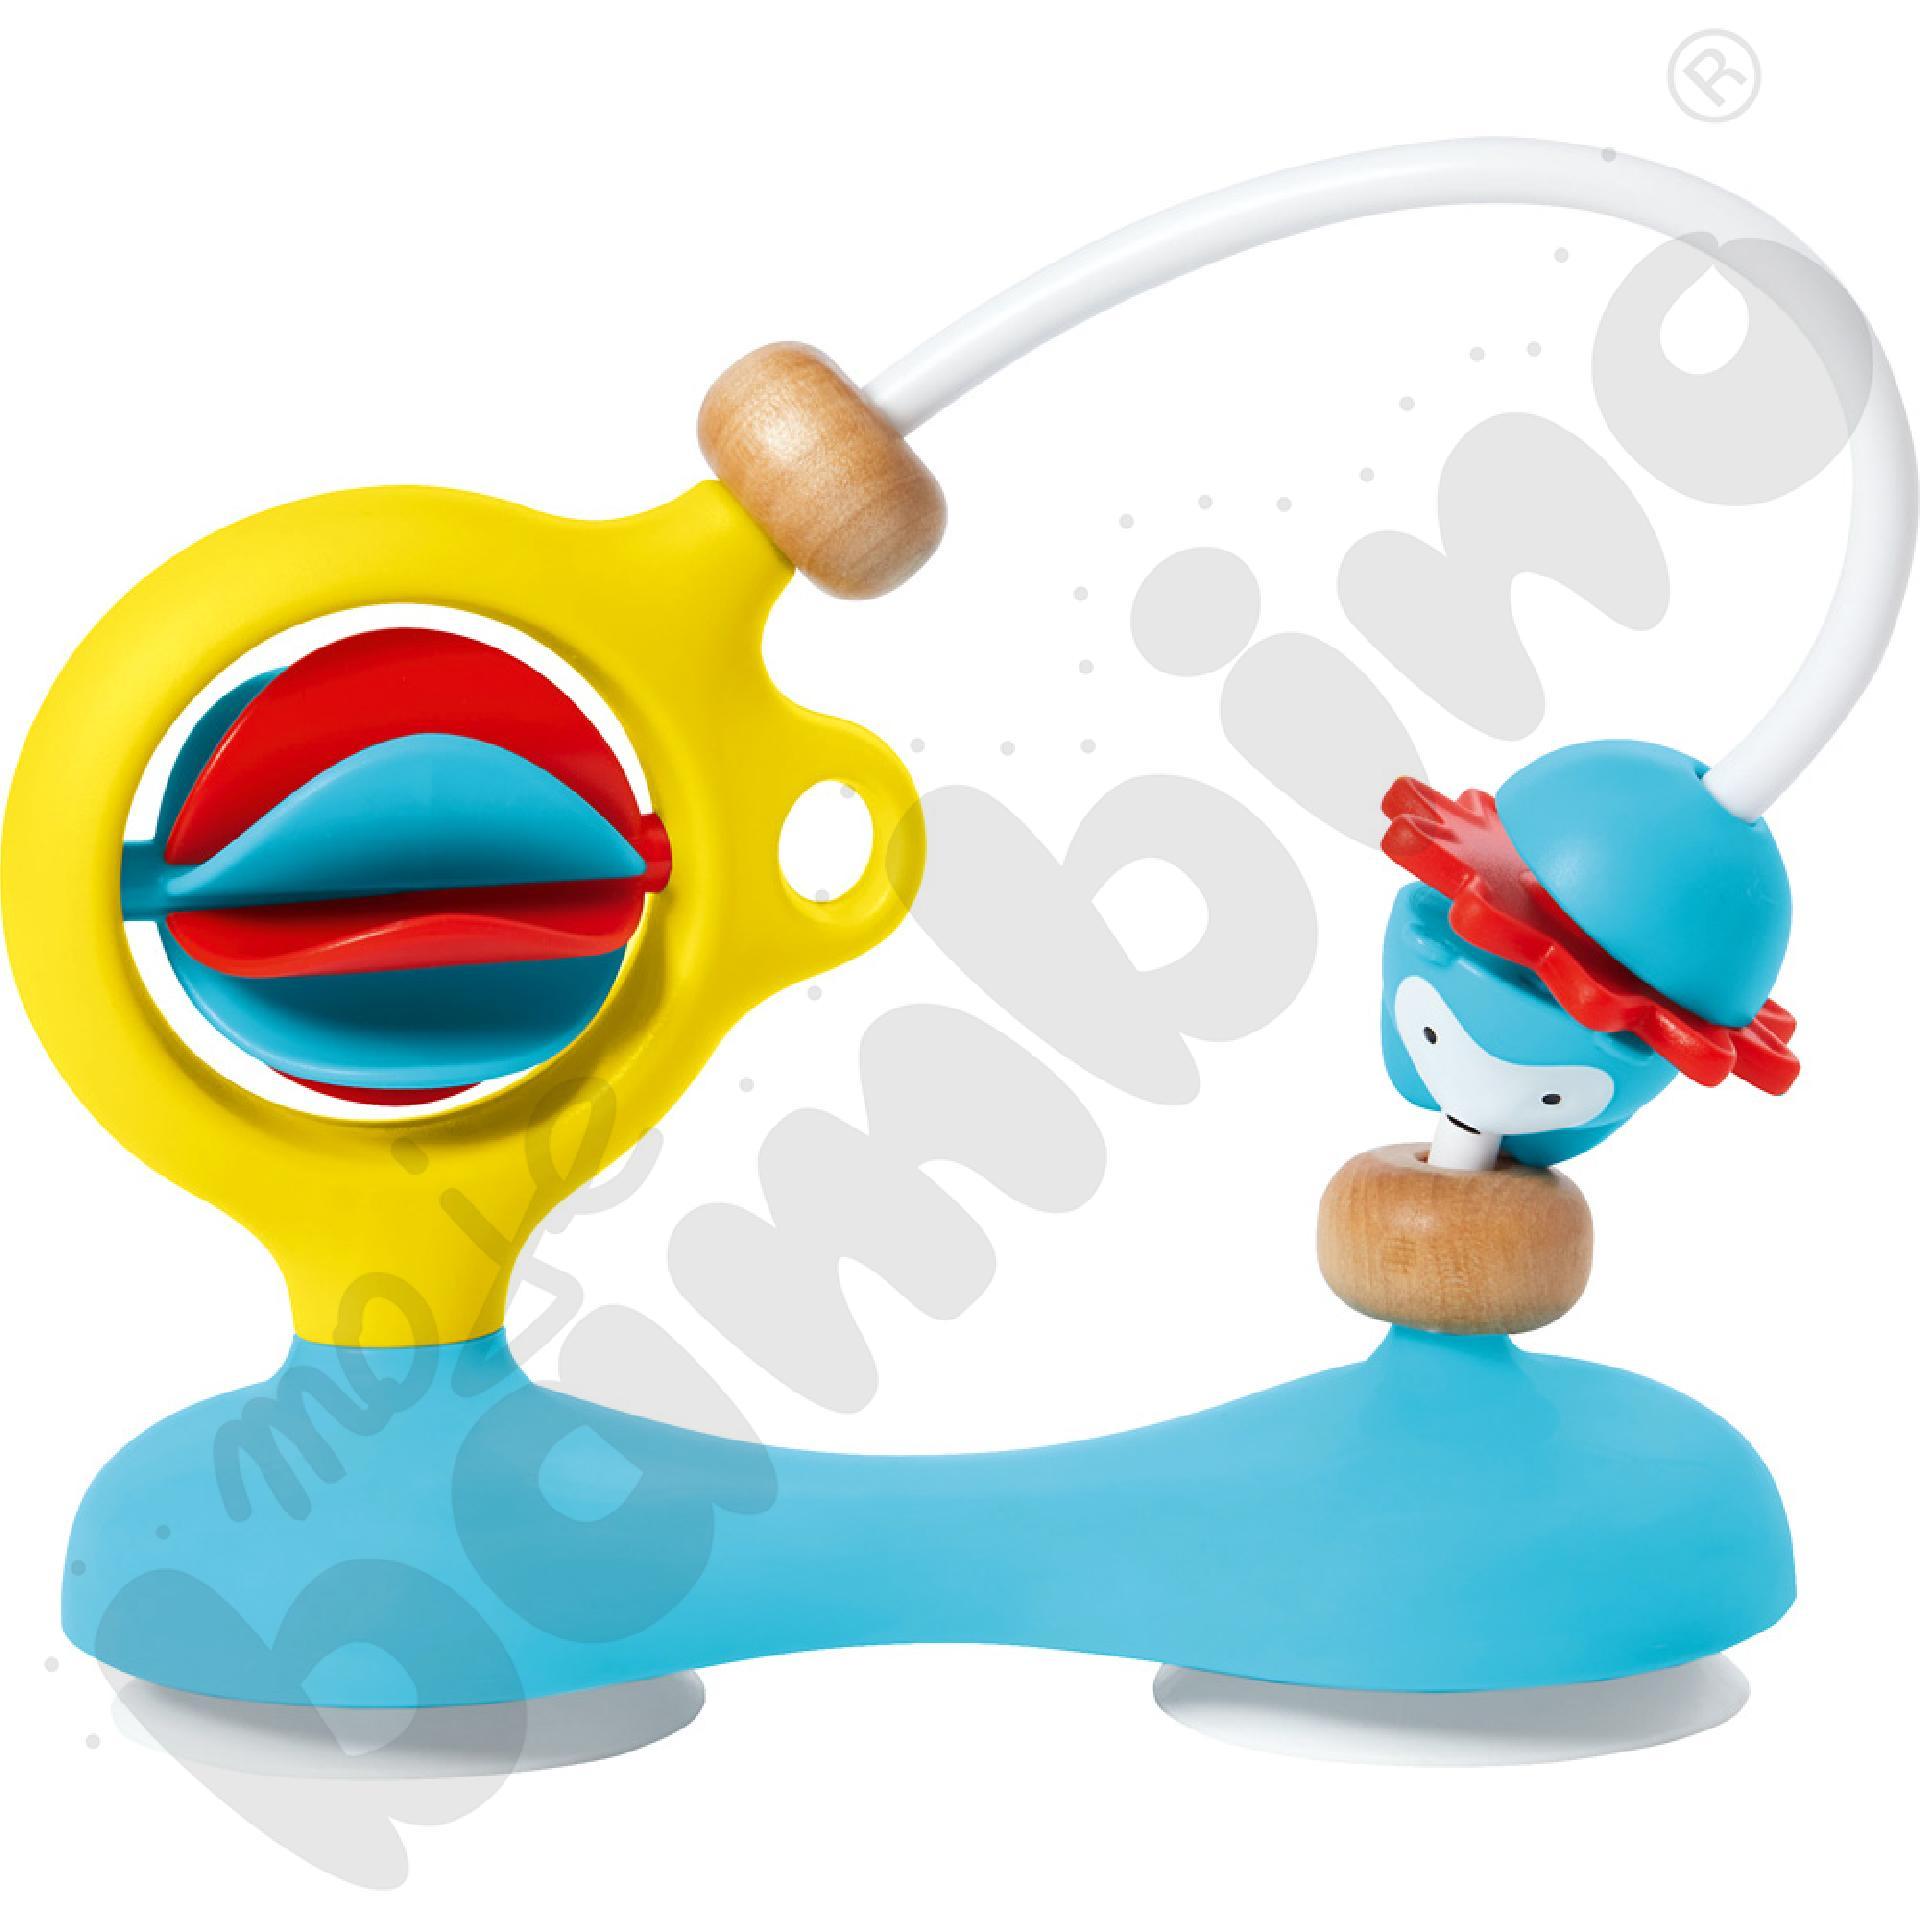 Zabawka na krzesełko do karmienia